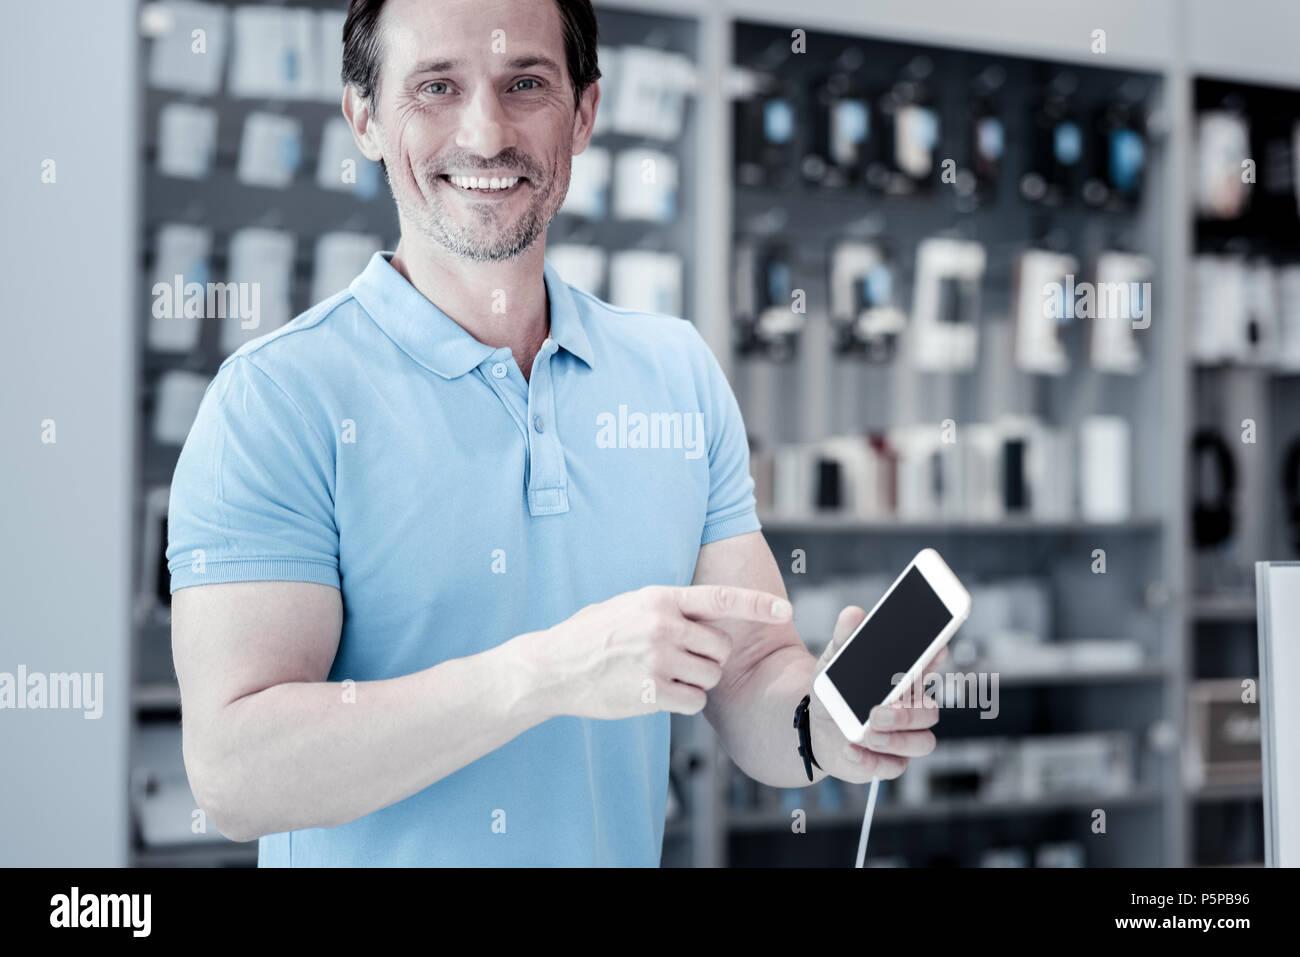 Sorridenti uomo rivolto verso lo smartphone Immagini Stock